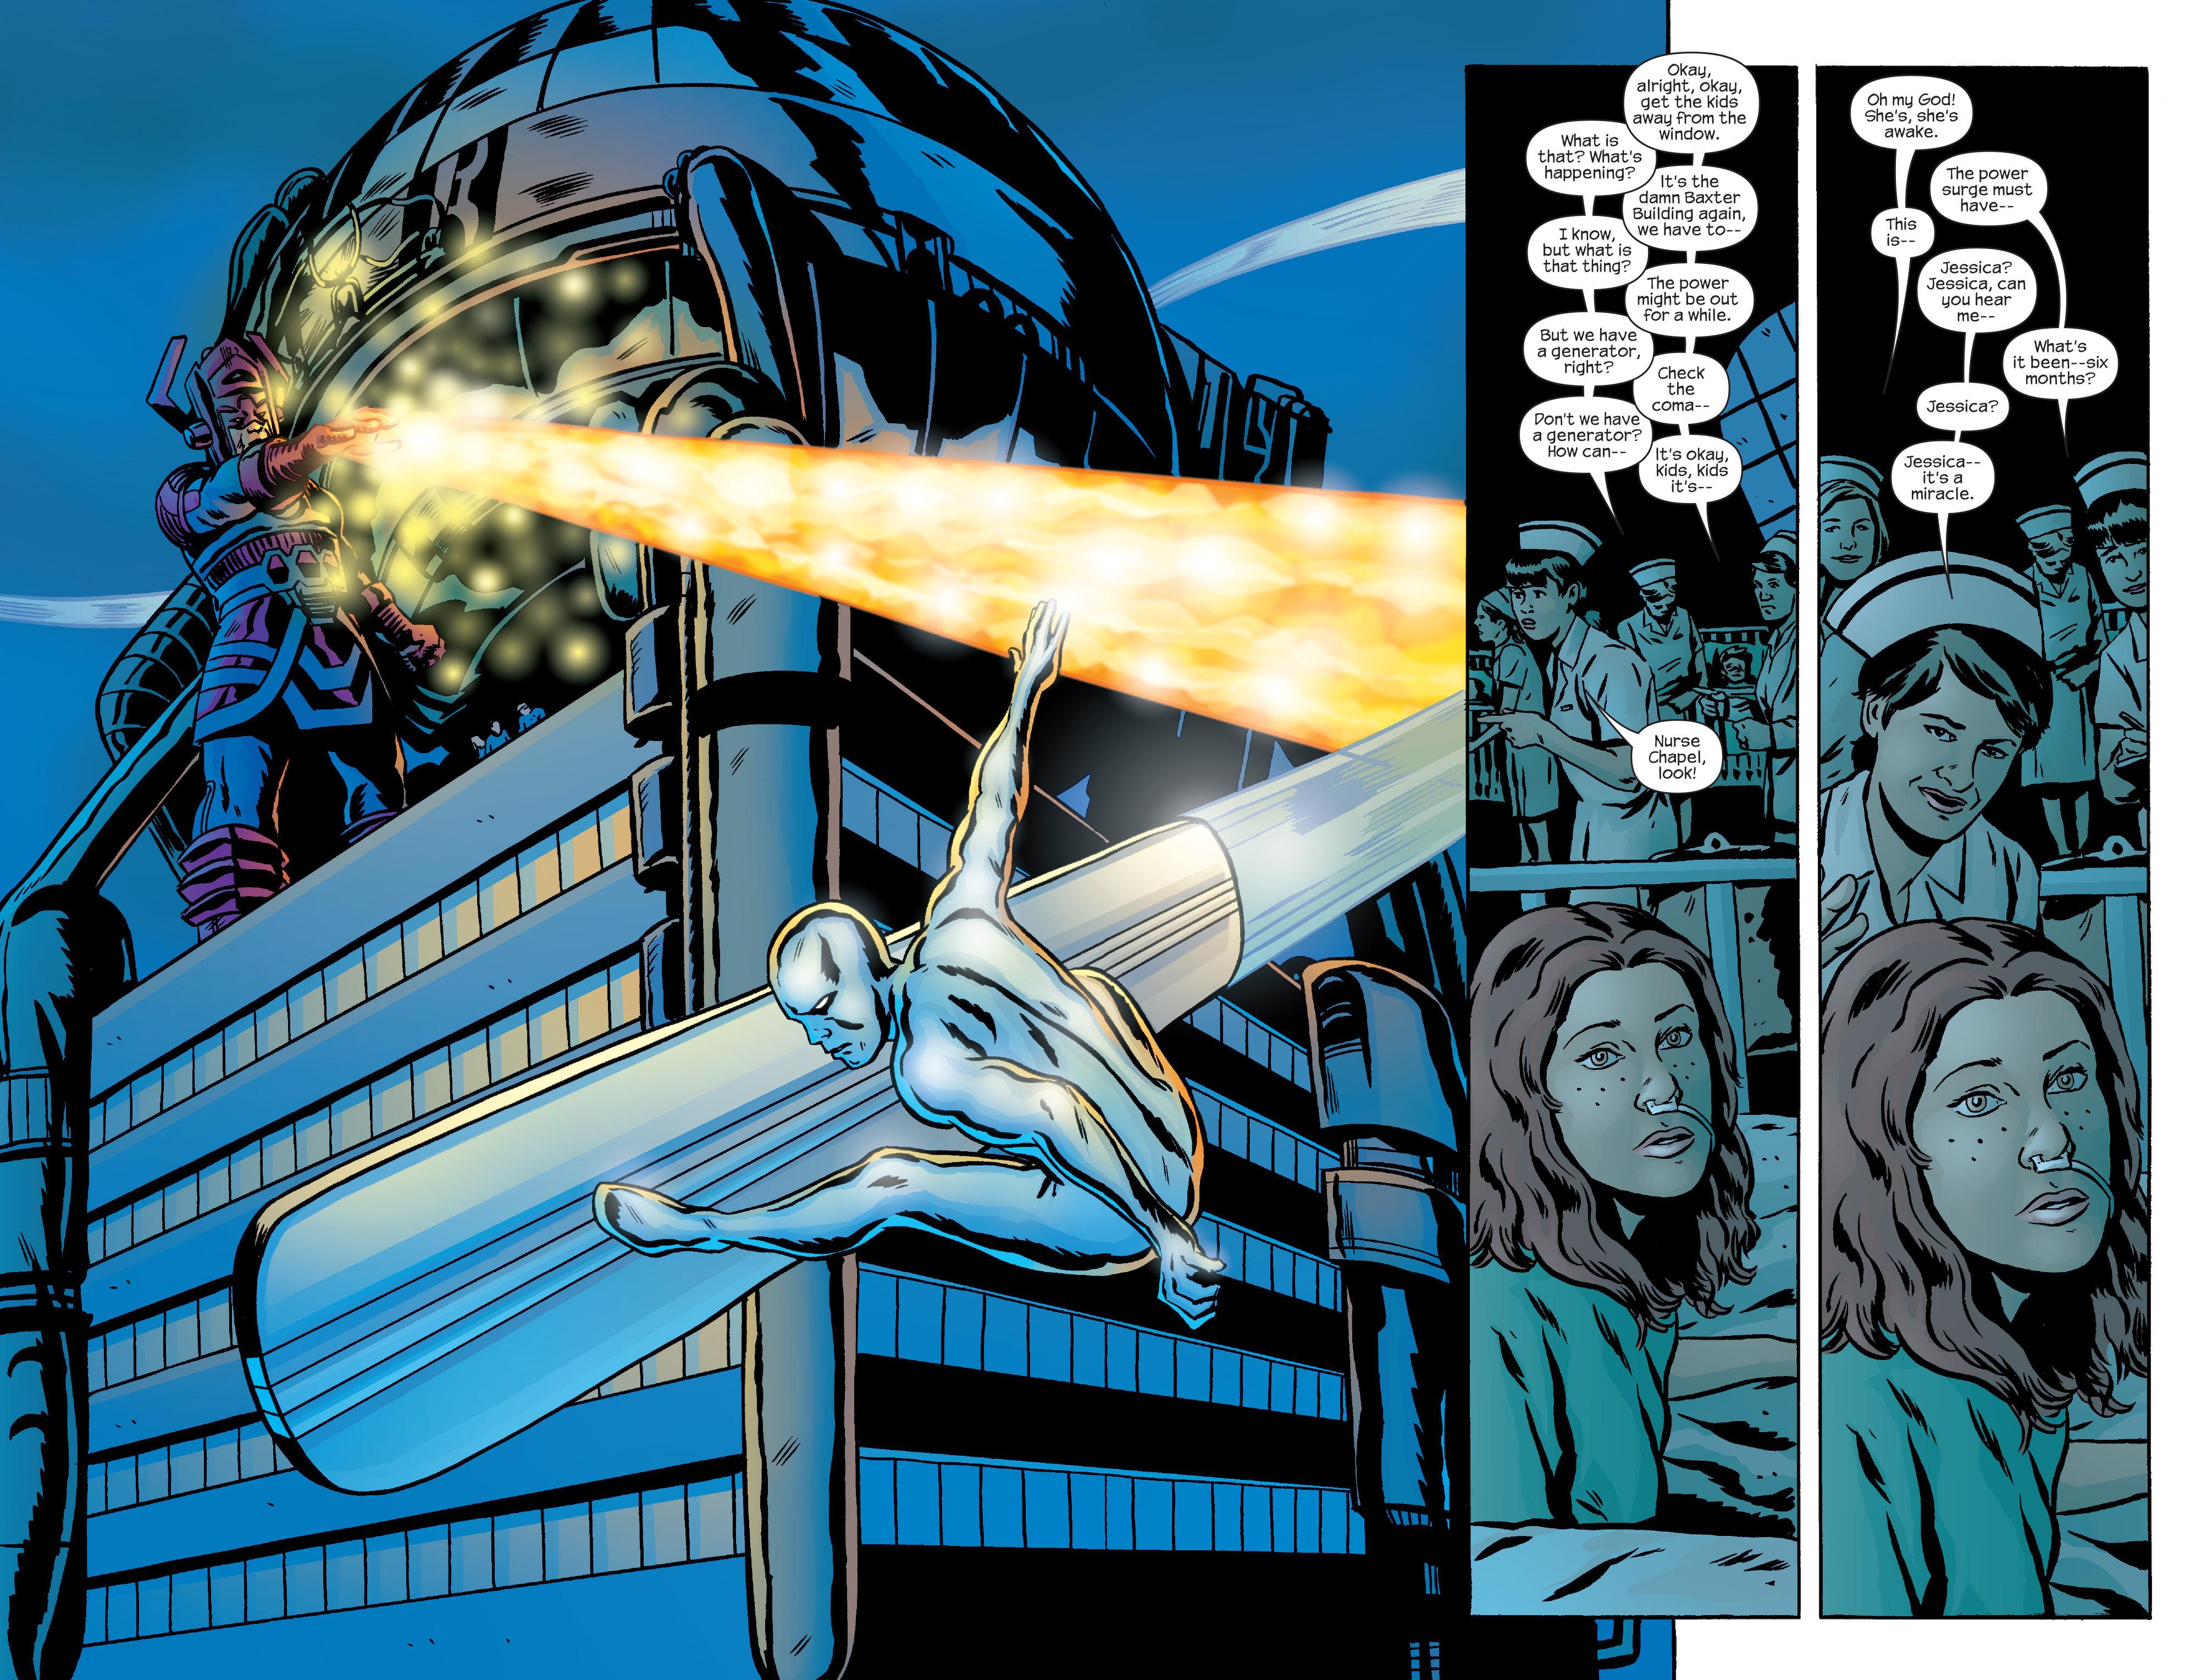 Read online Alias comic -  Issue #22 - 17